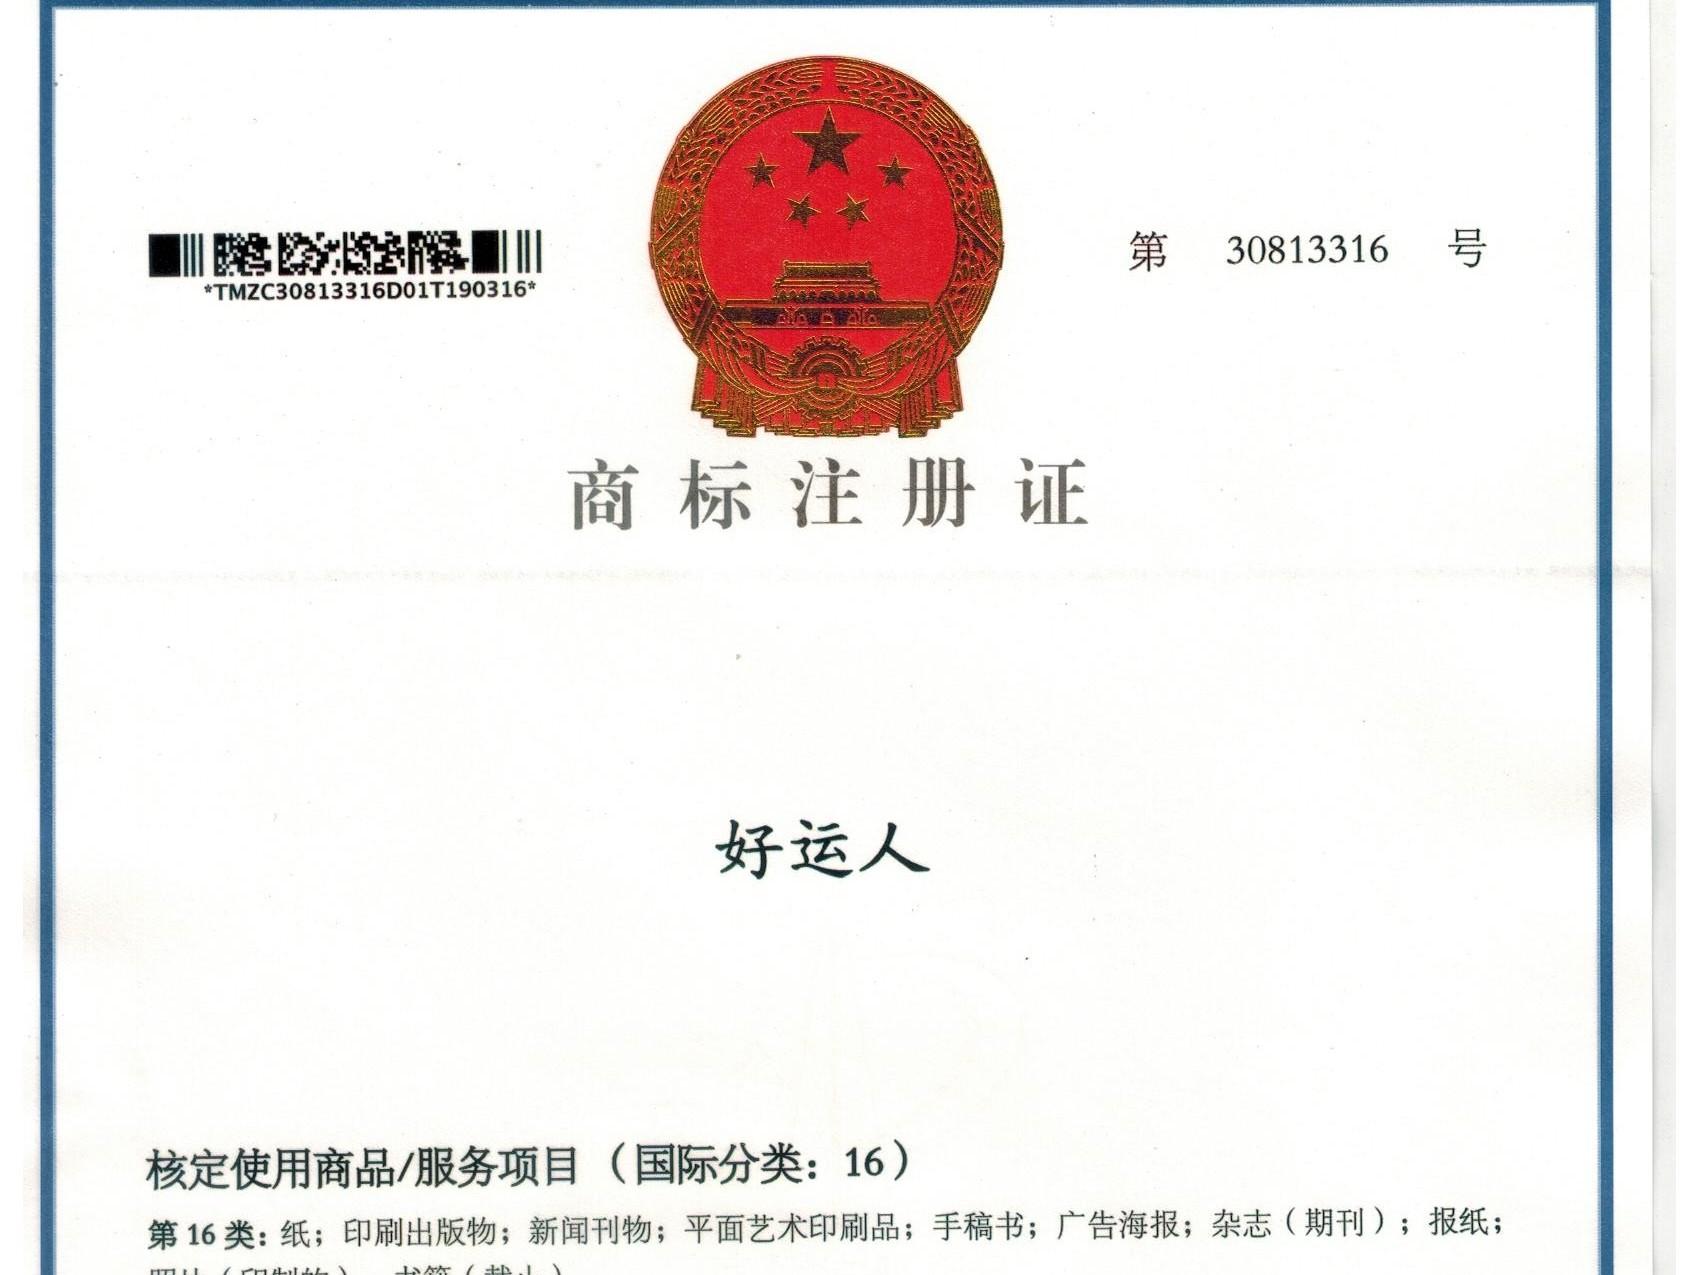 16类印刷出版物商标注册证